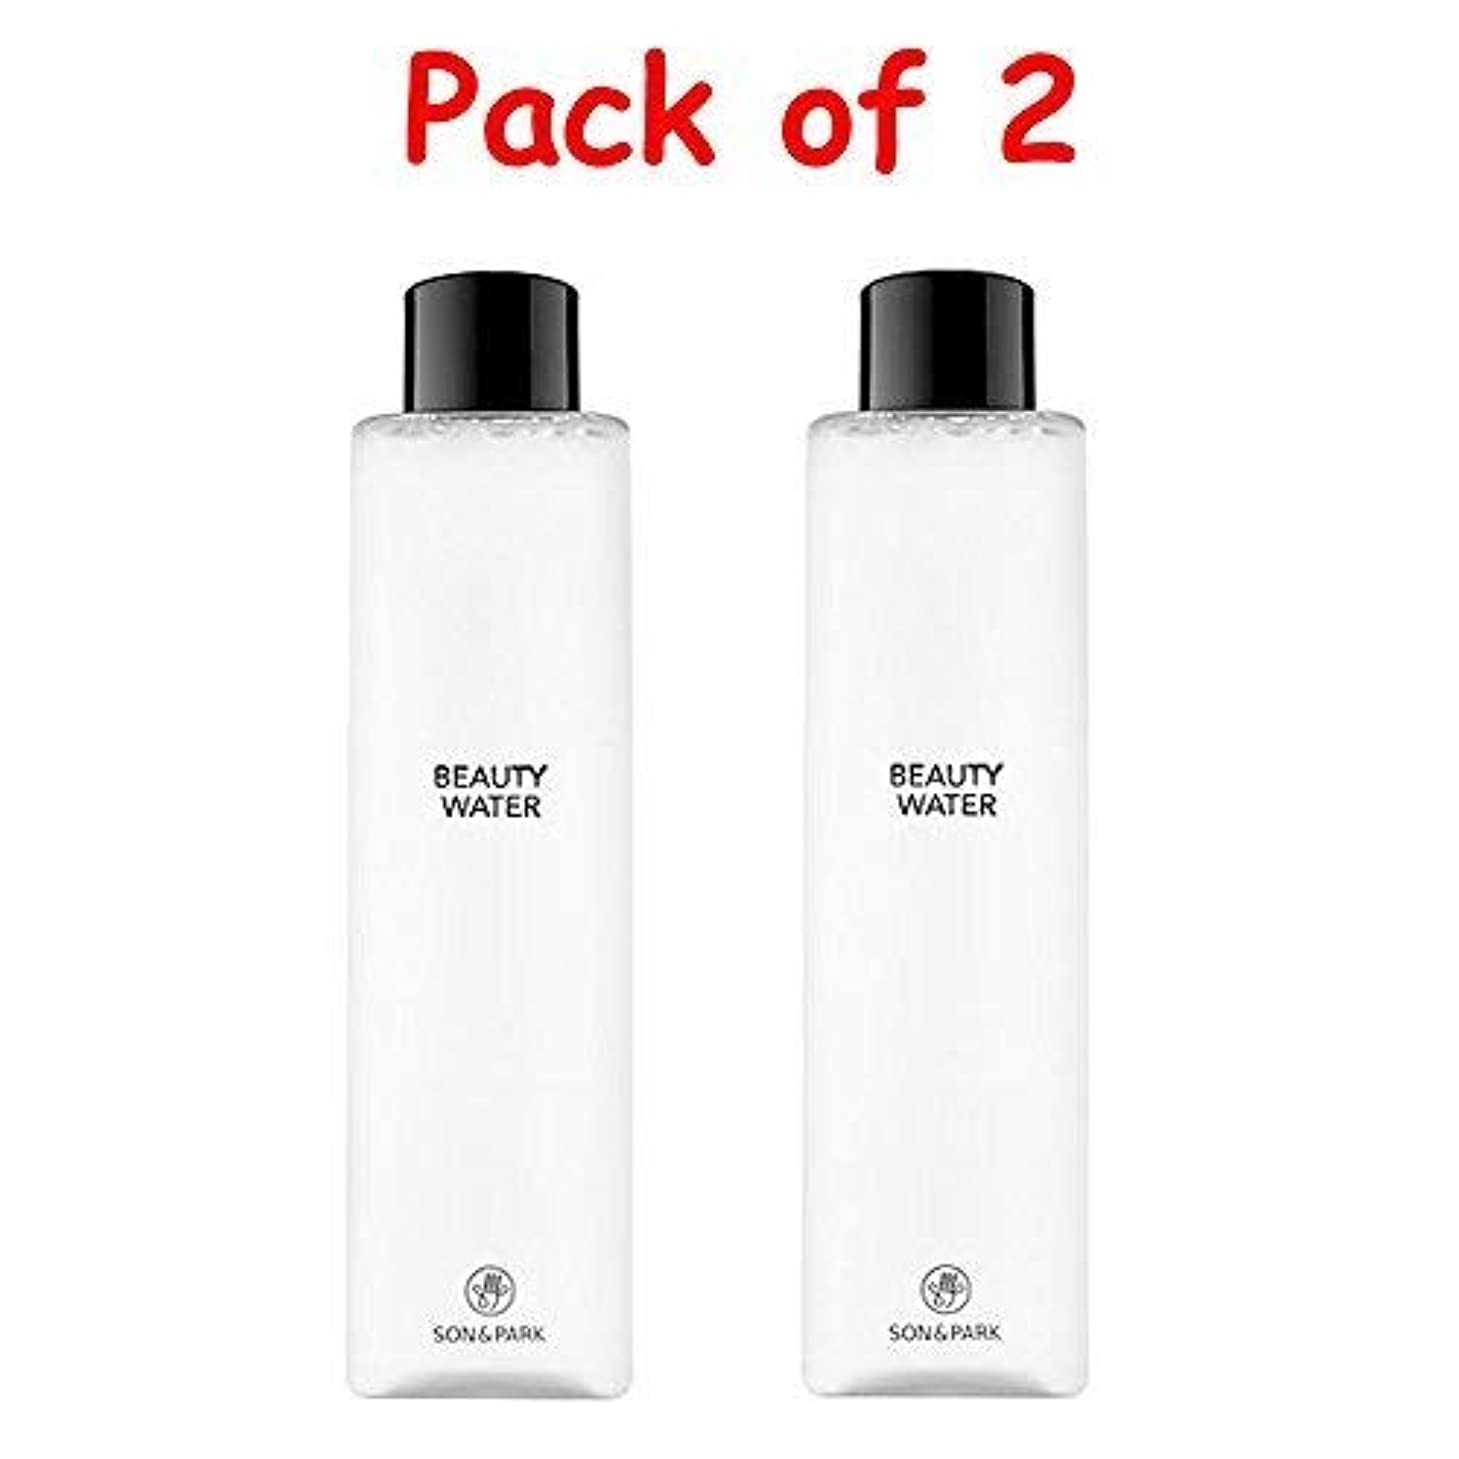 オアシスマガジン魅力的であることへのアピール★1+1 Sale★[SON & PARK]Beauty Water 340ml (Pack of 2) /[ソン & パク] ビューティー ウォーター 340ml (1+1)